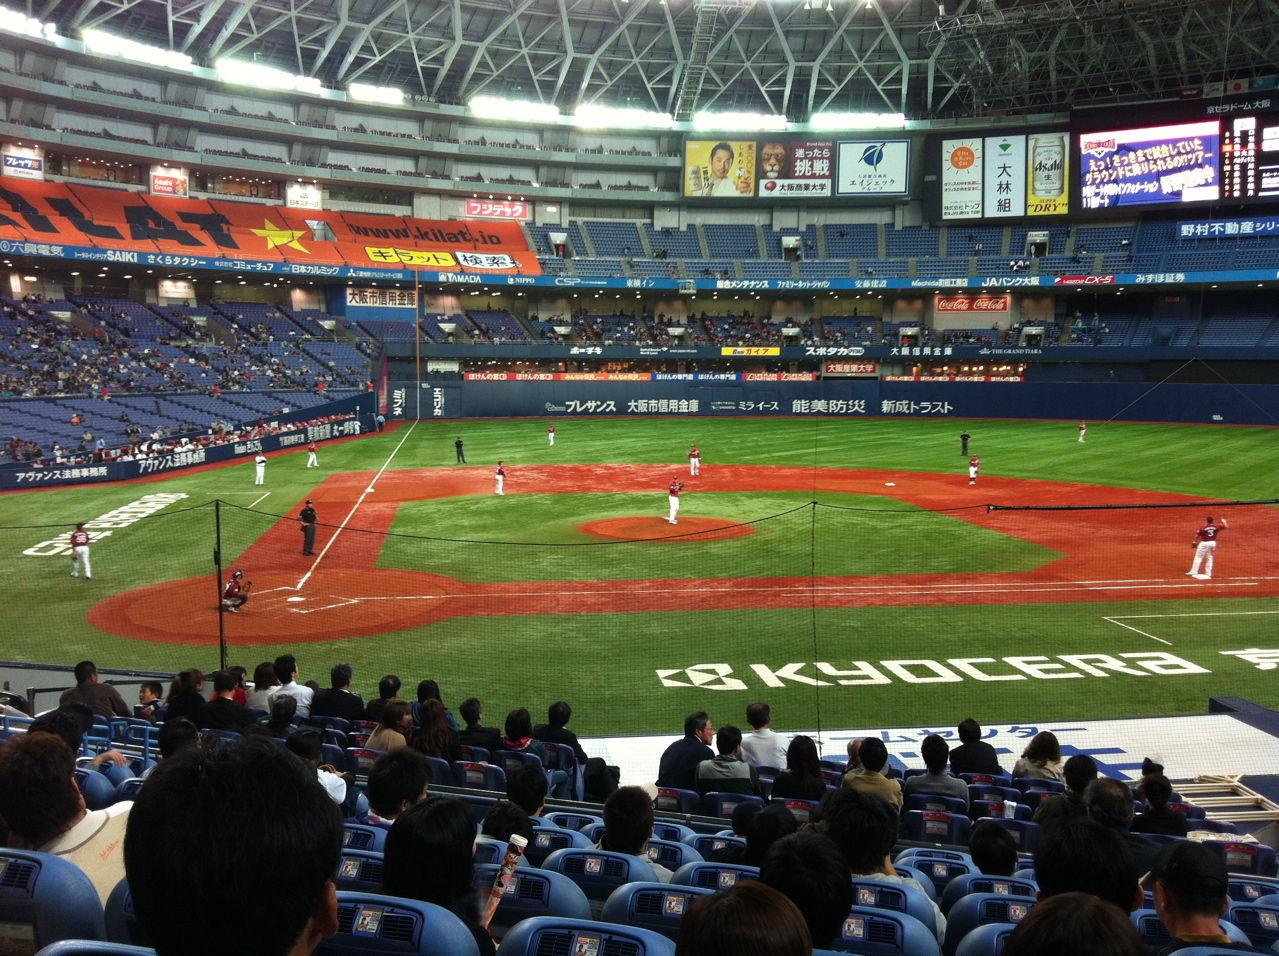 【野球】元阪神桧山「日本のプロ野球の一線で活躍するほとんどが韓国人」 WBC優勝の侍ジャパンに在日が3人居た★2 [無断転載禁止]©2ch.netYouTube動画>3本 ->画像>100枚